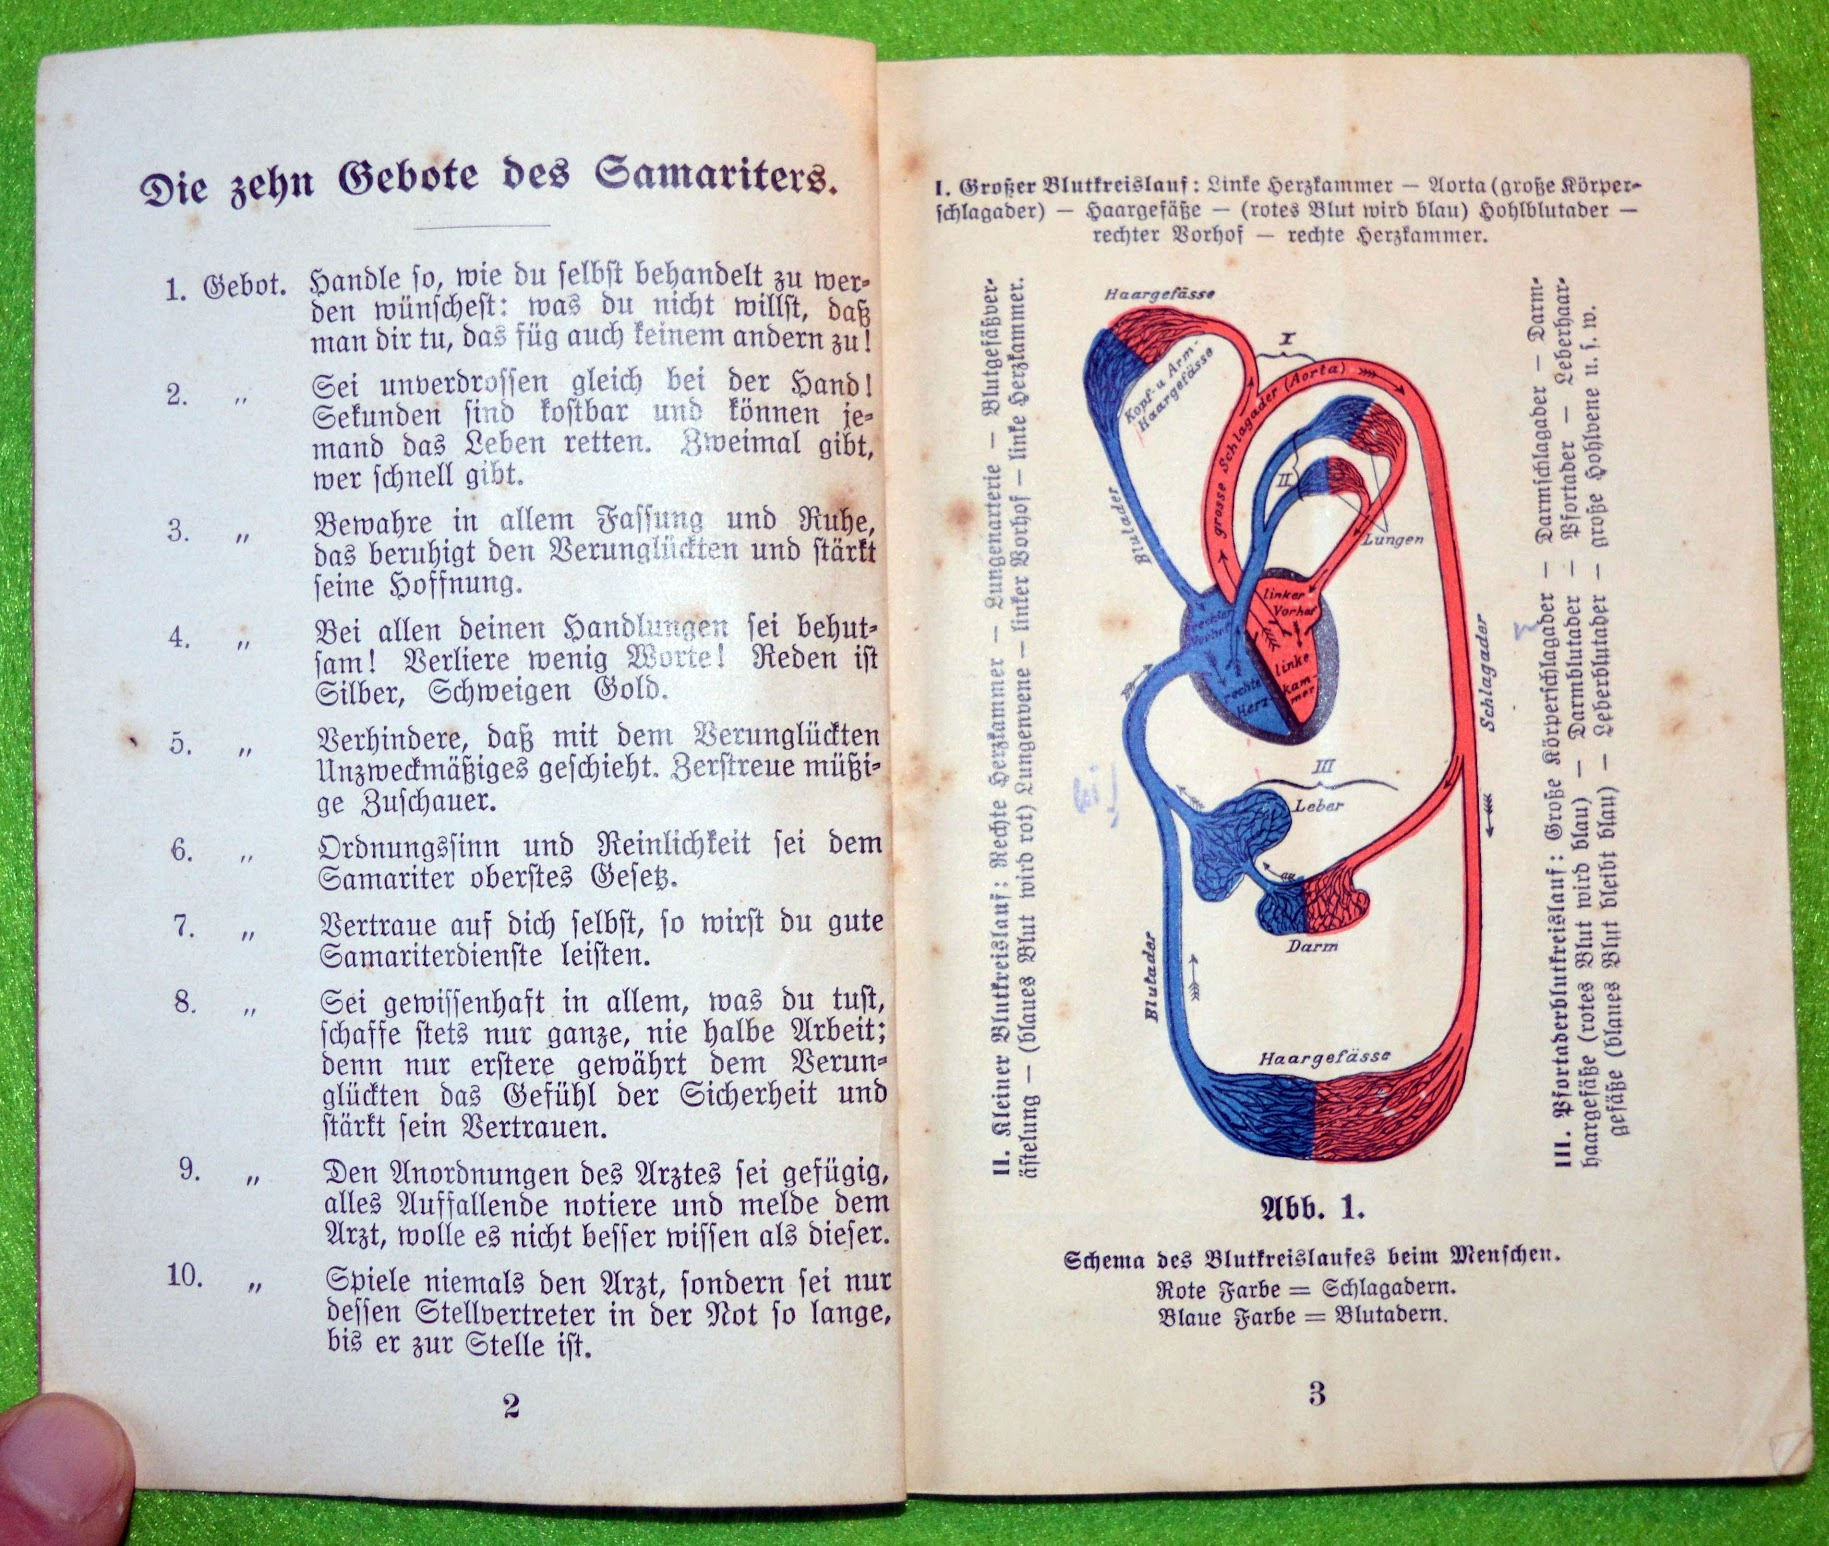 Dr. A. Baur - Das Samariterbüchlein - 1915